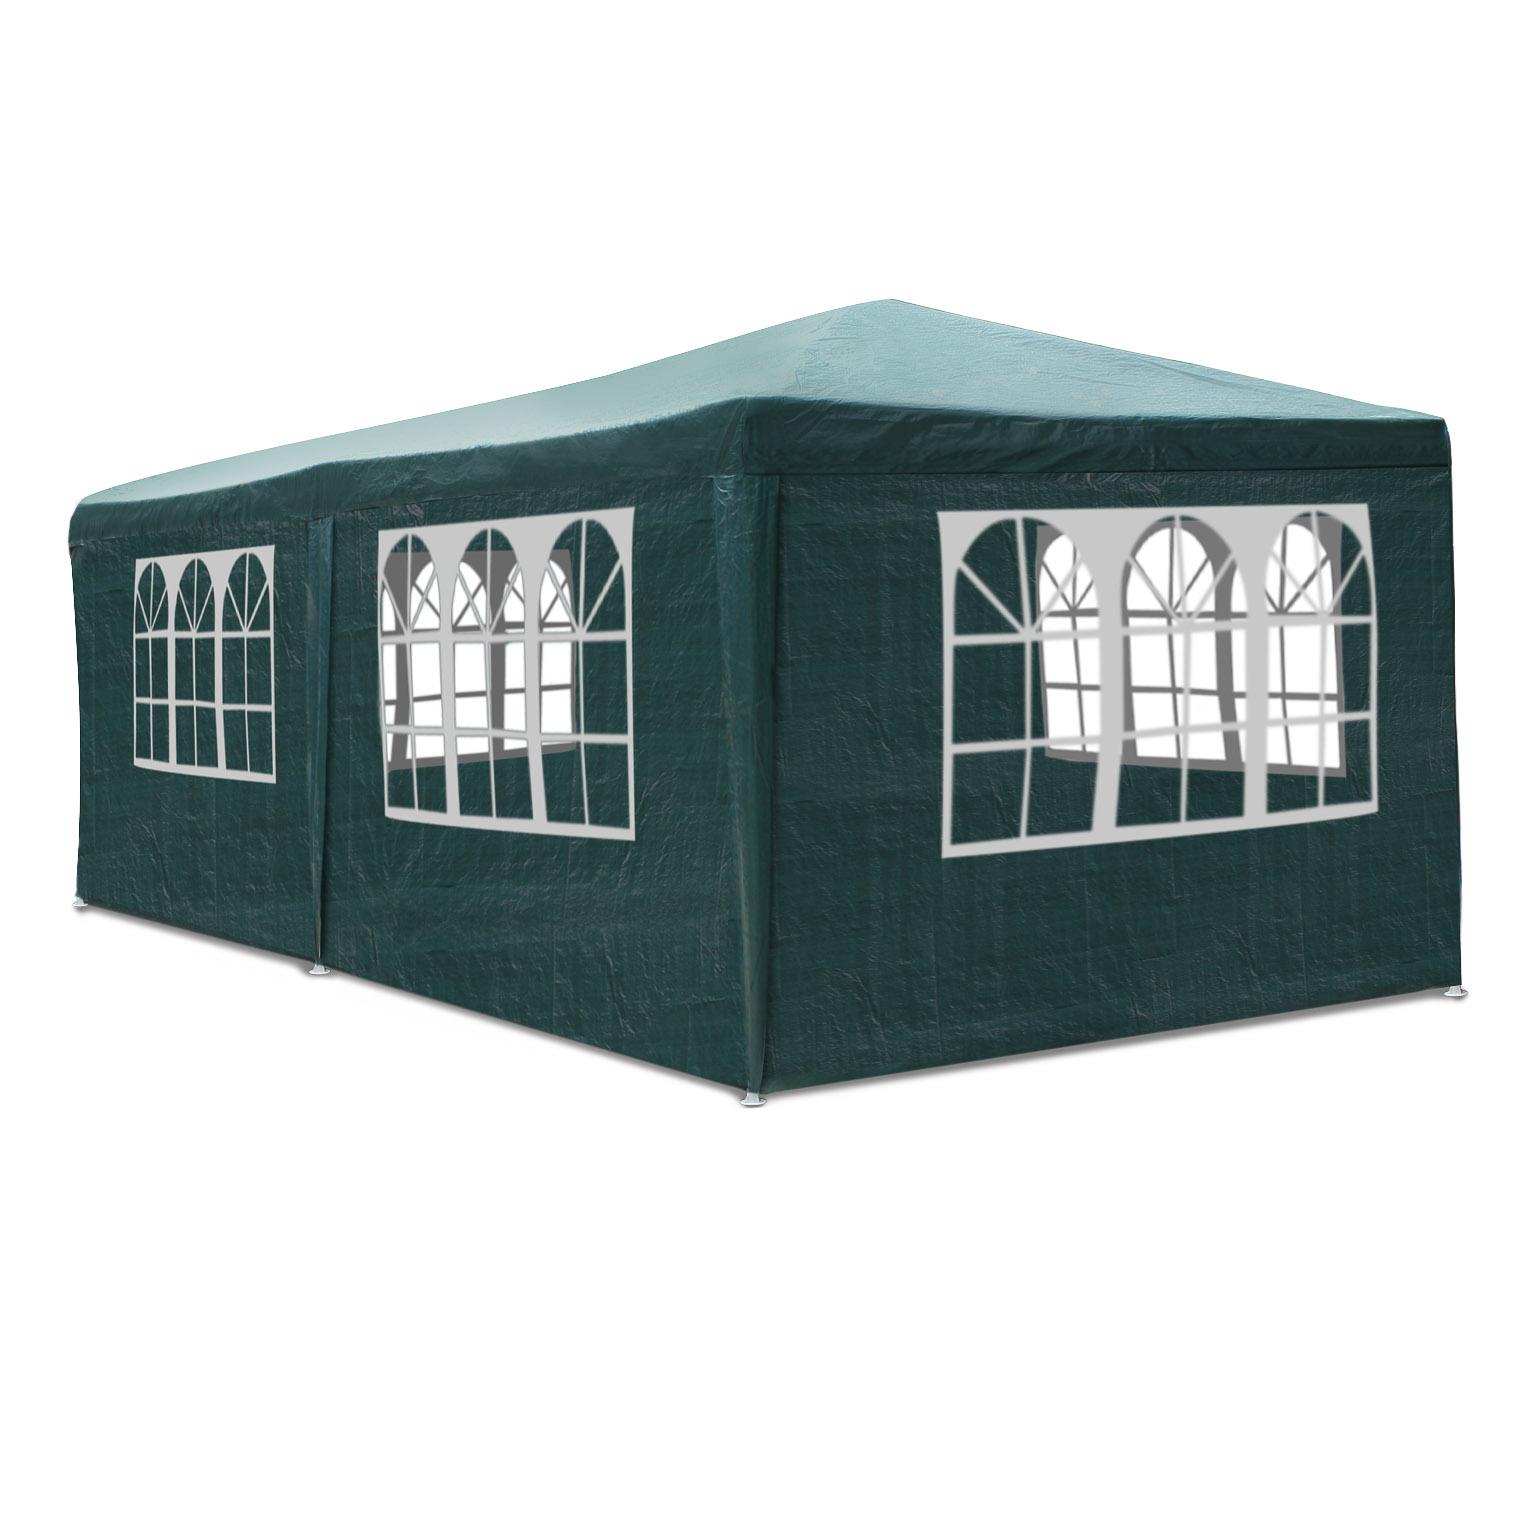 Gartenzelt 3x4 Wasserdicht : Partyzelt festzelt pavillon gartenzelt m mit allen